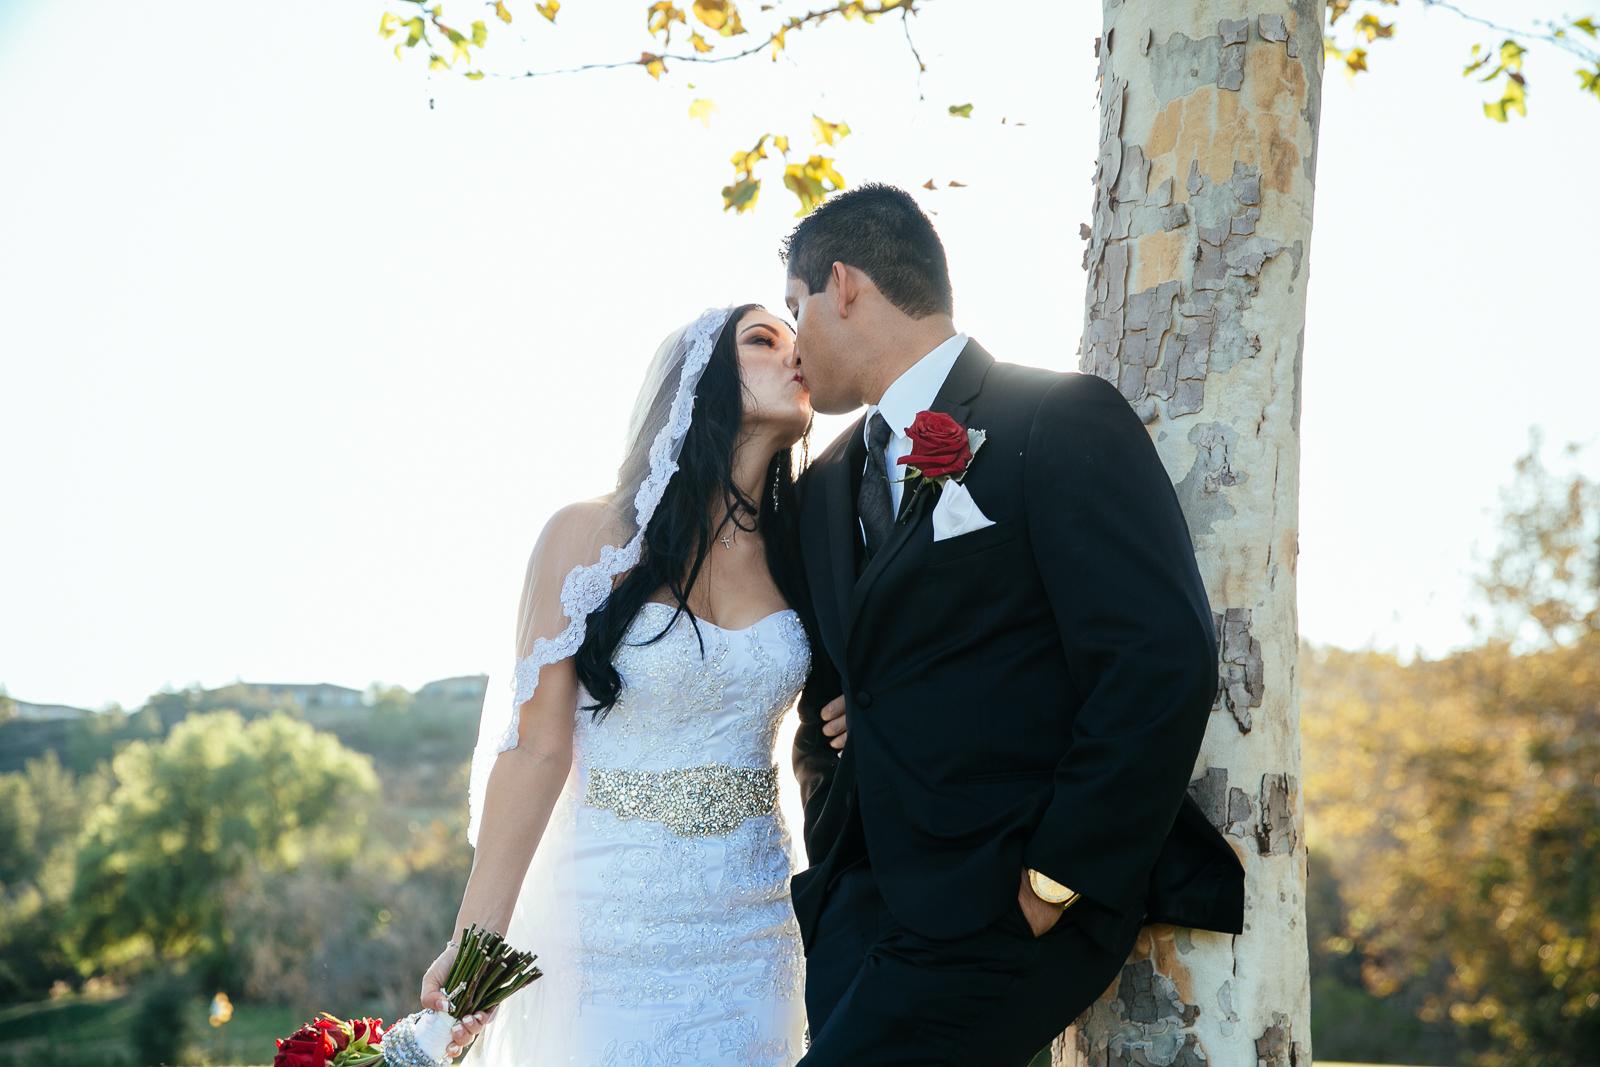 STACIE_&_JESUS_WEDDING_WEDGEWOOD_FALLBROOK_2015_2015_IMG_4627.JPG